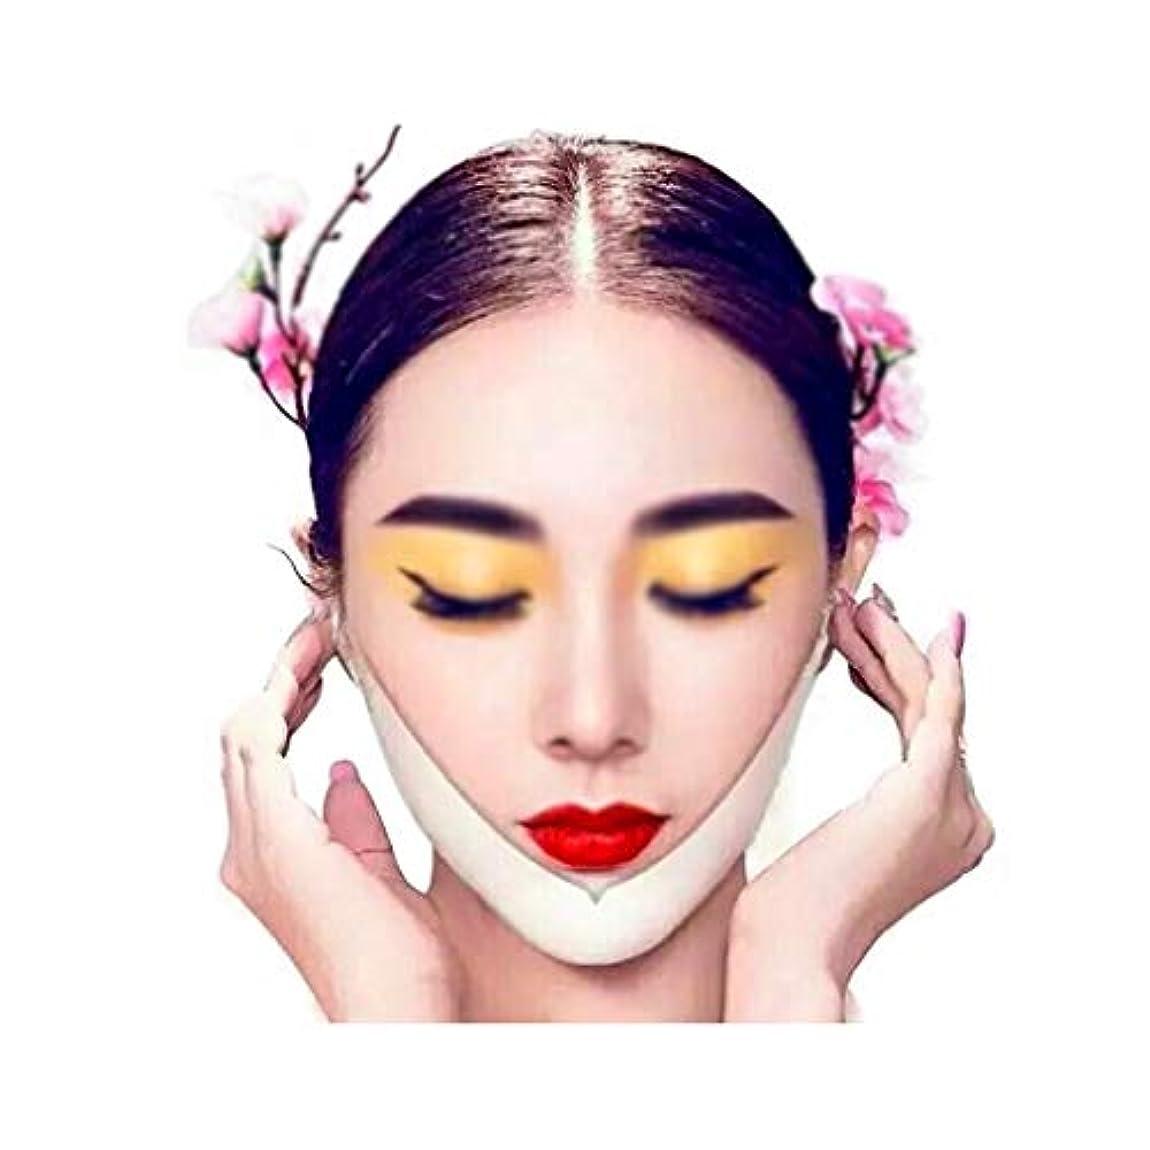 仮定する潜む市場XHLMRMJ 薄い顔のマスク、Vの顔の包帯、下顎の咬筋のあごを改善して顔のラインを形作る、5つのボックス、3つの顔のマスク